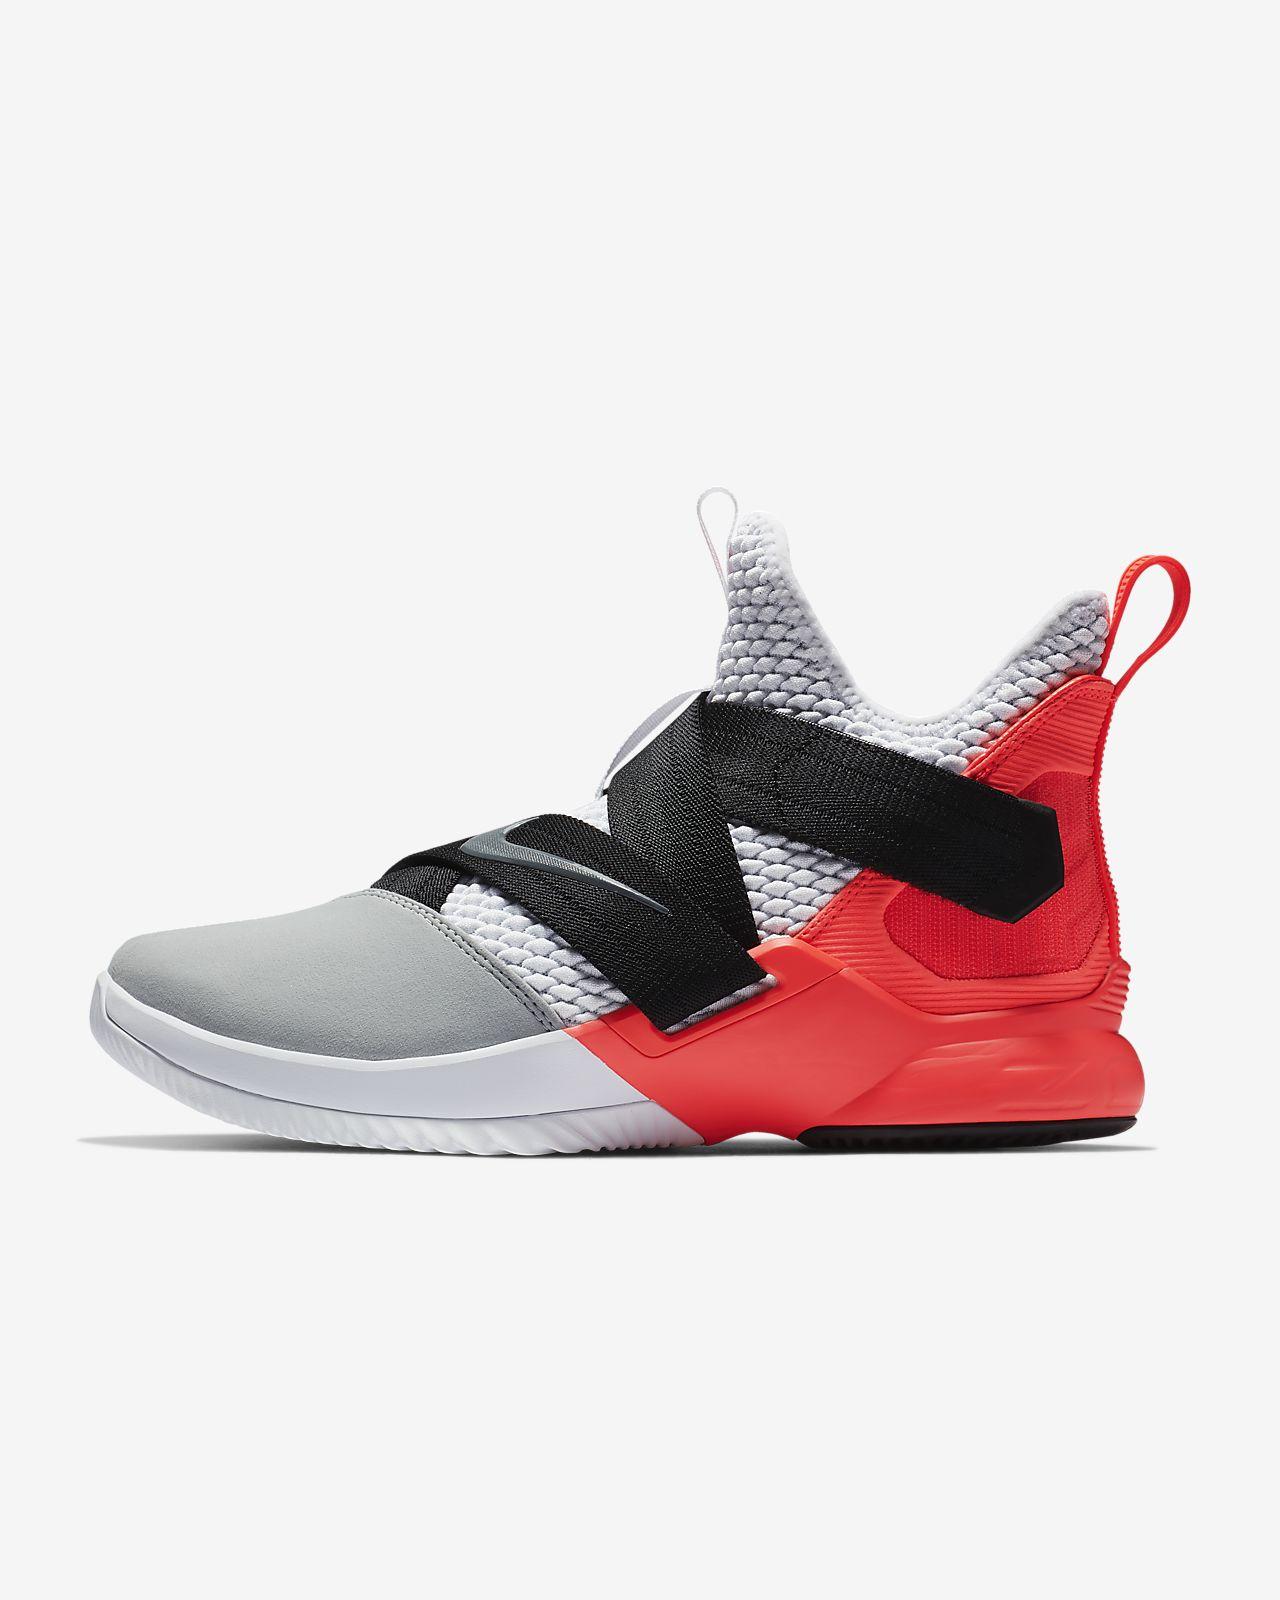 e7960def10 Calzado de básquetbol LeBron Soldier 12 SFG. Nike.com MX